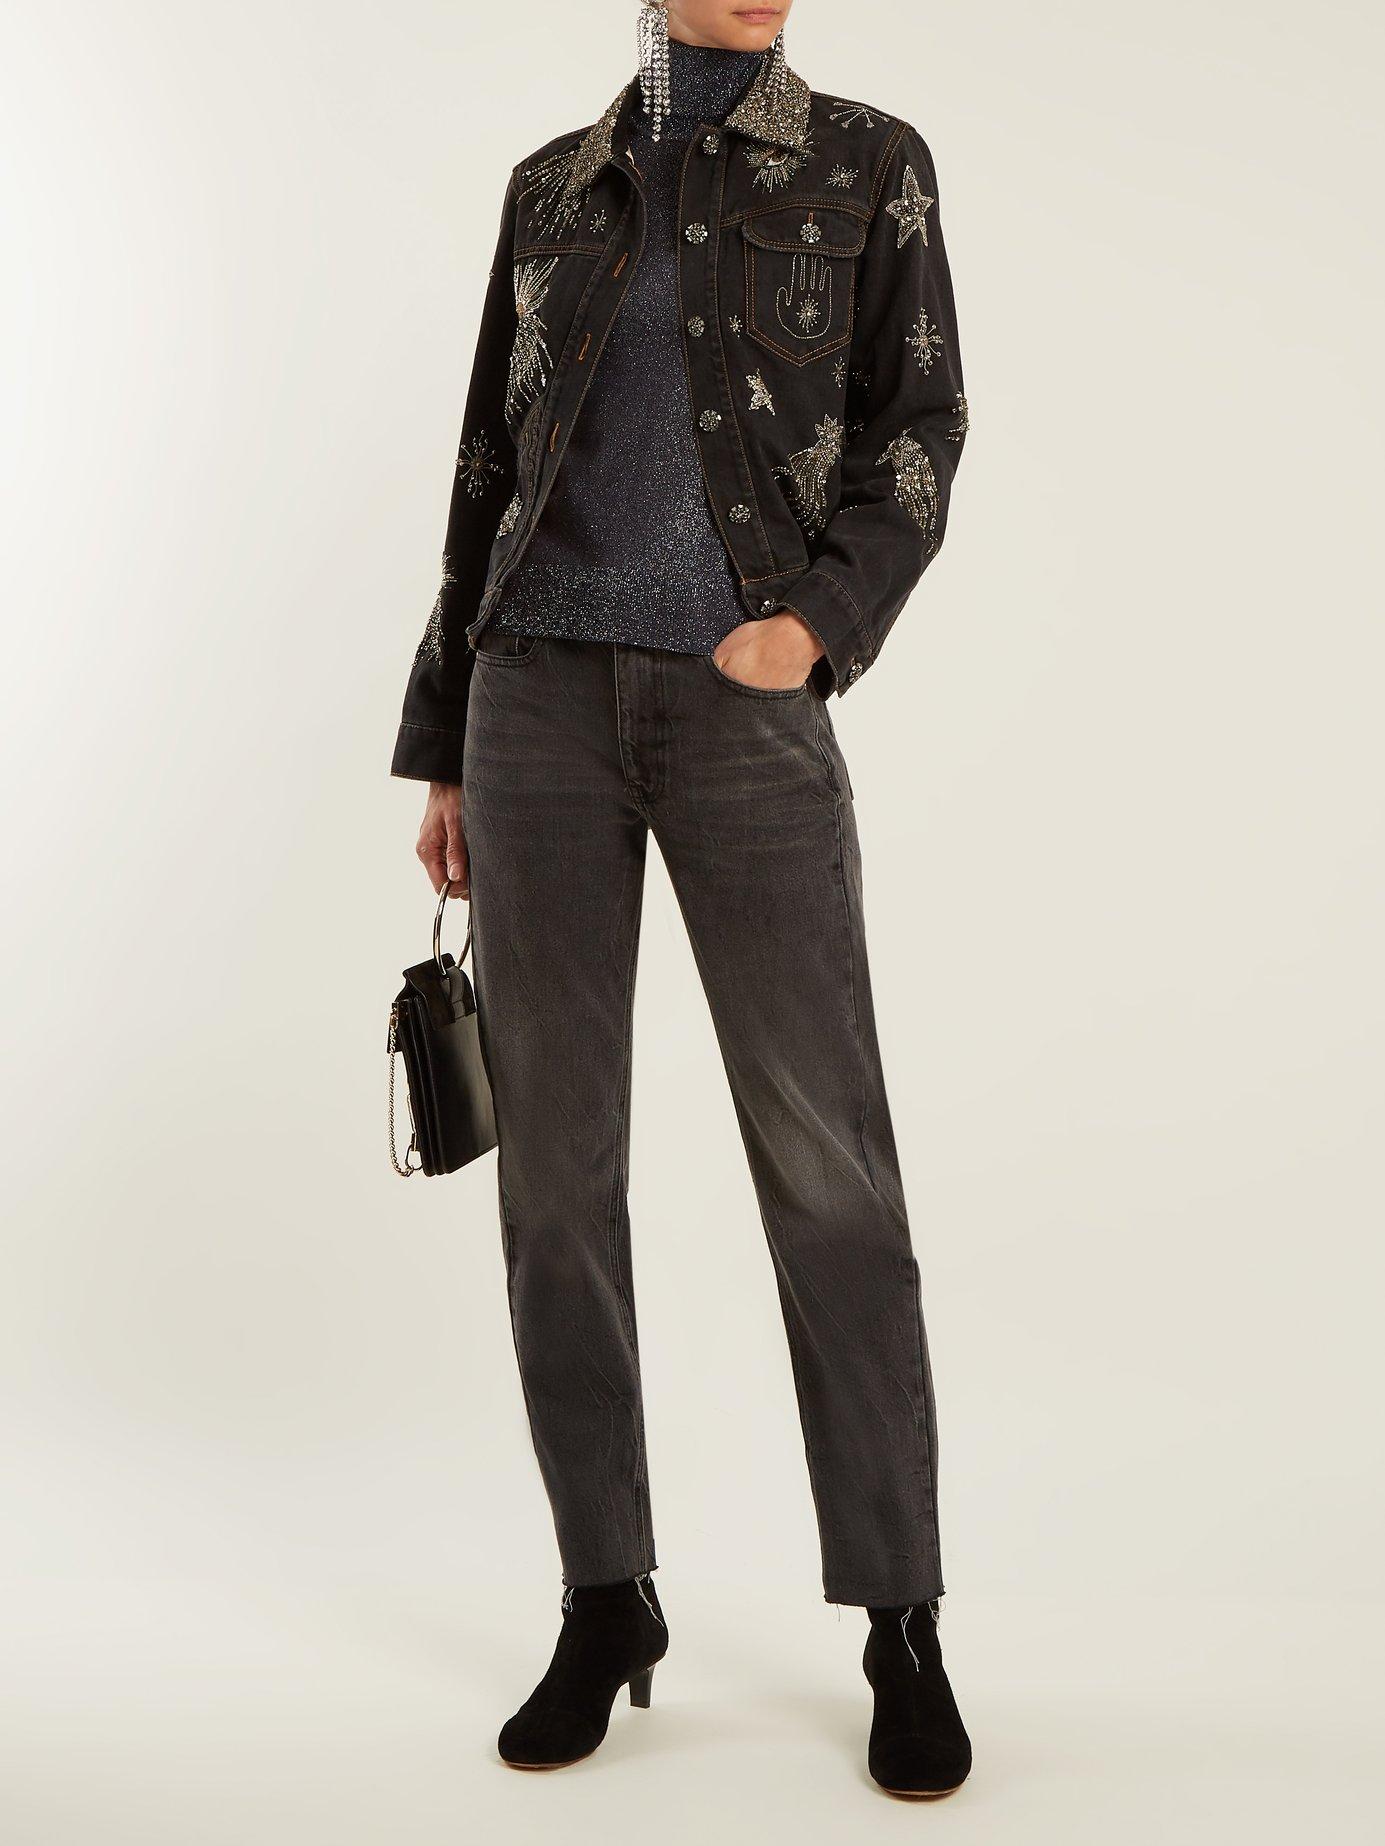 Eloise crystal-embellished denim jacket by Isabel Marant